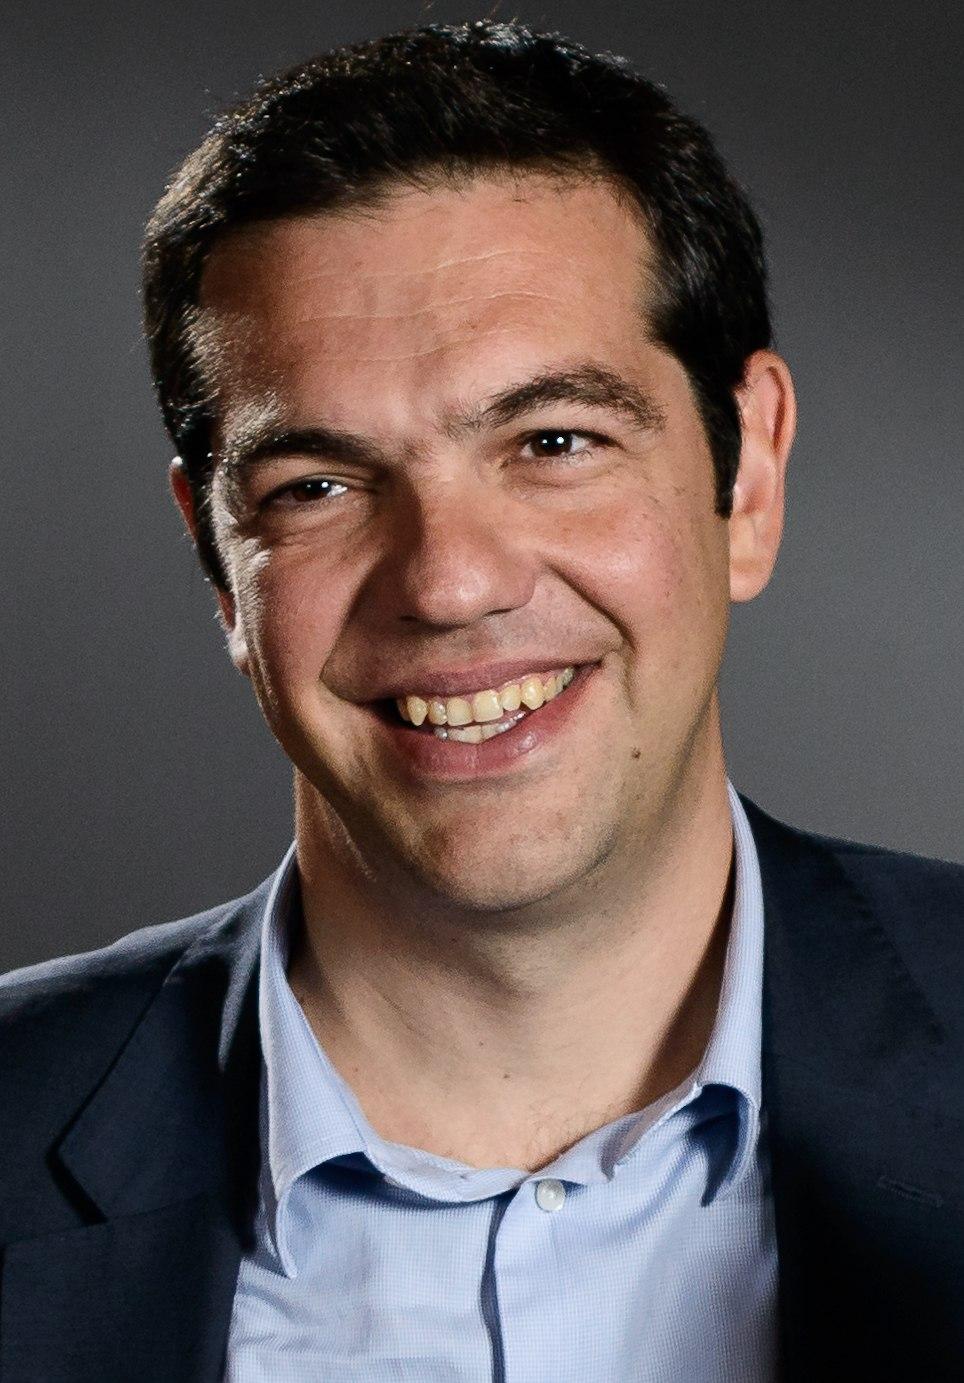 Alexis Tsipras 2013